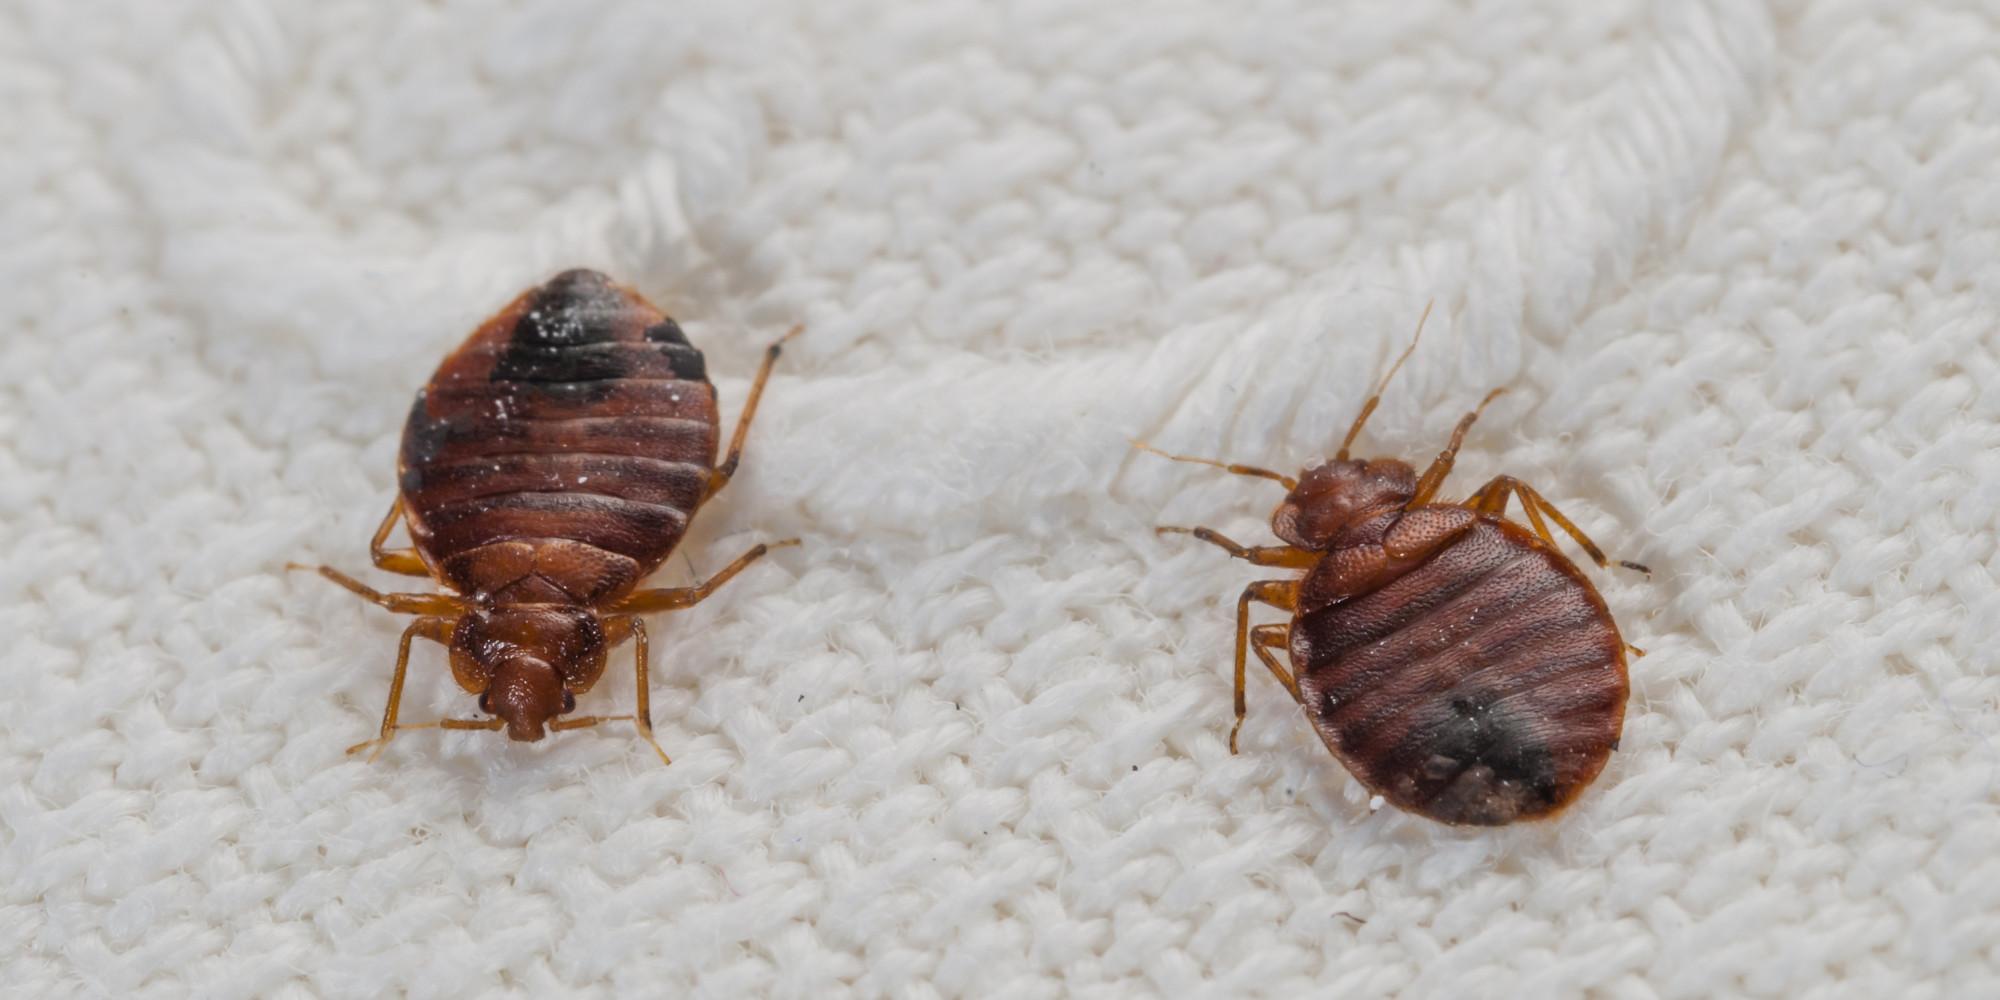 Got Bedbugs? Call 859-314-2387